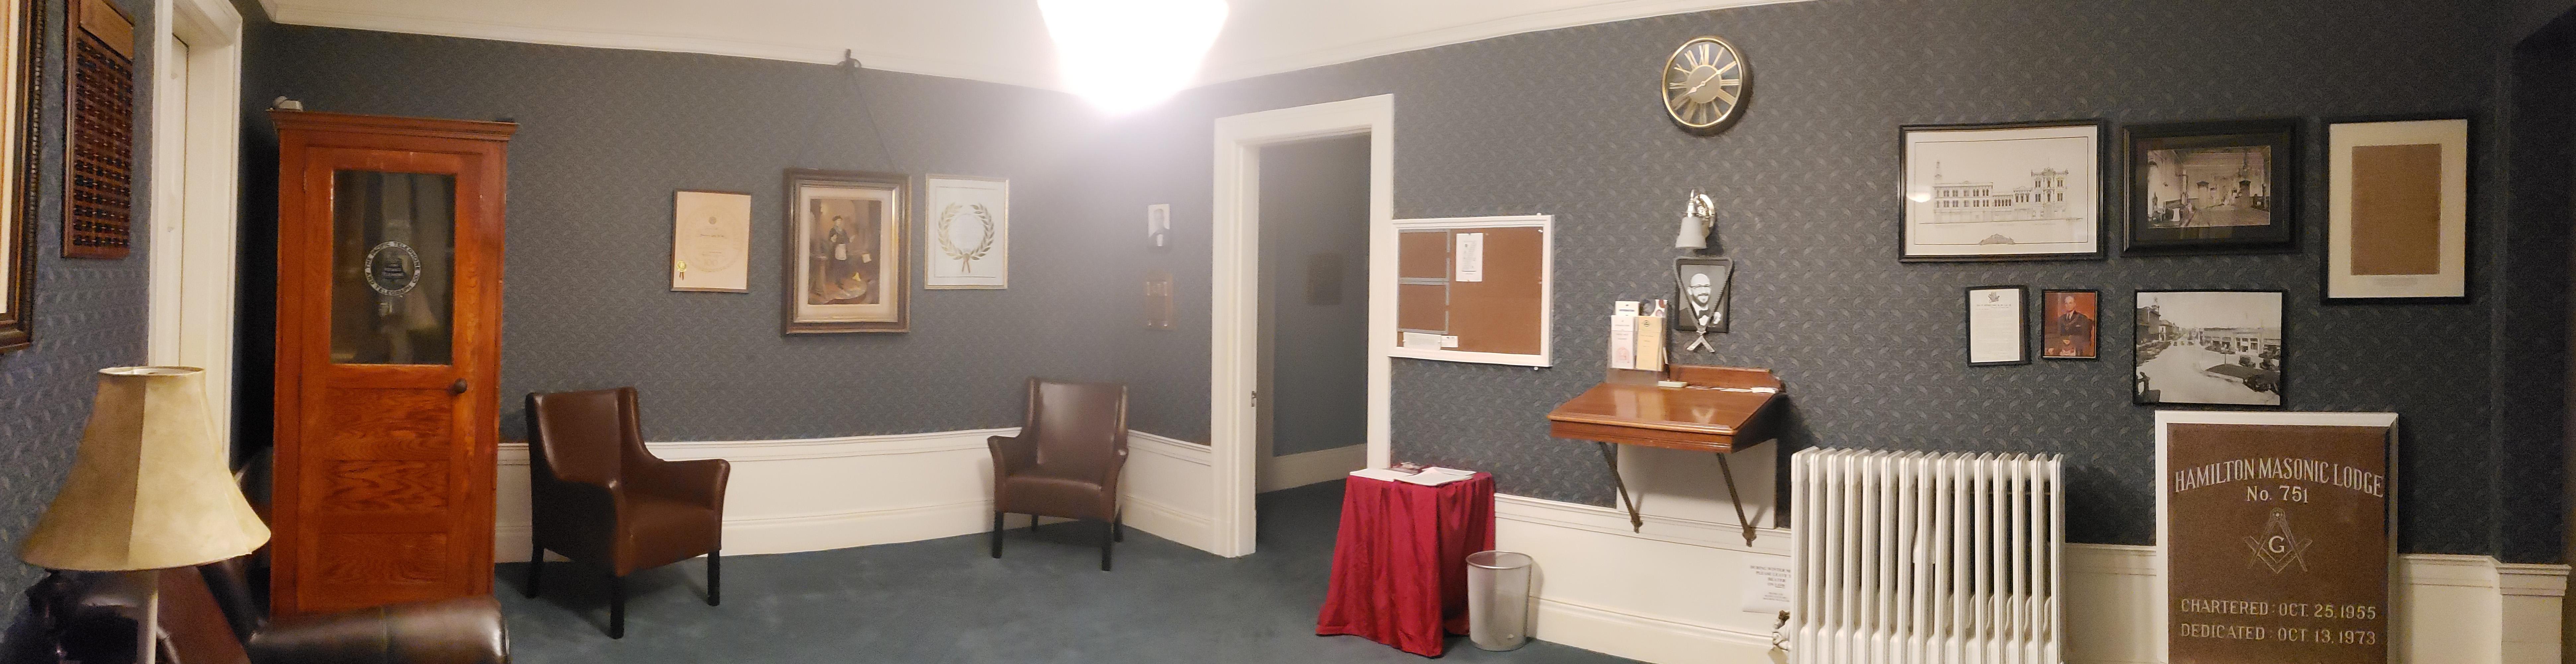 Tylers room looking towards Lodge room